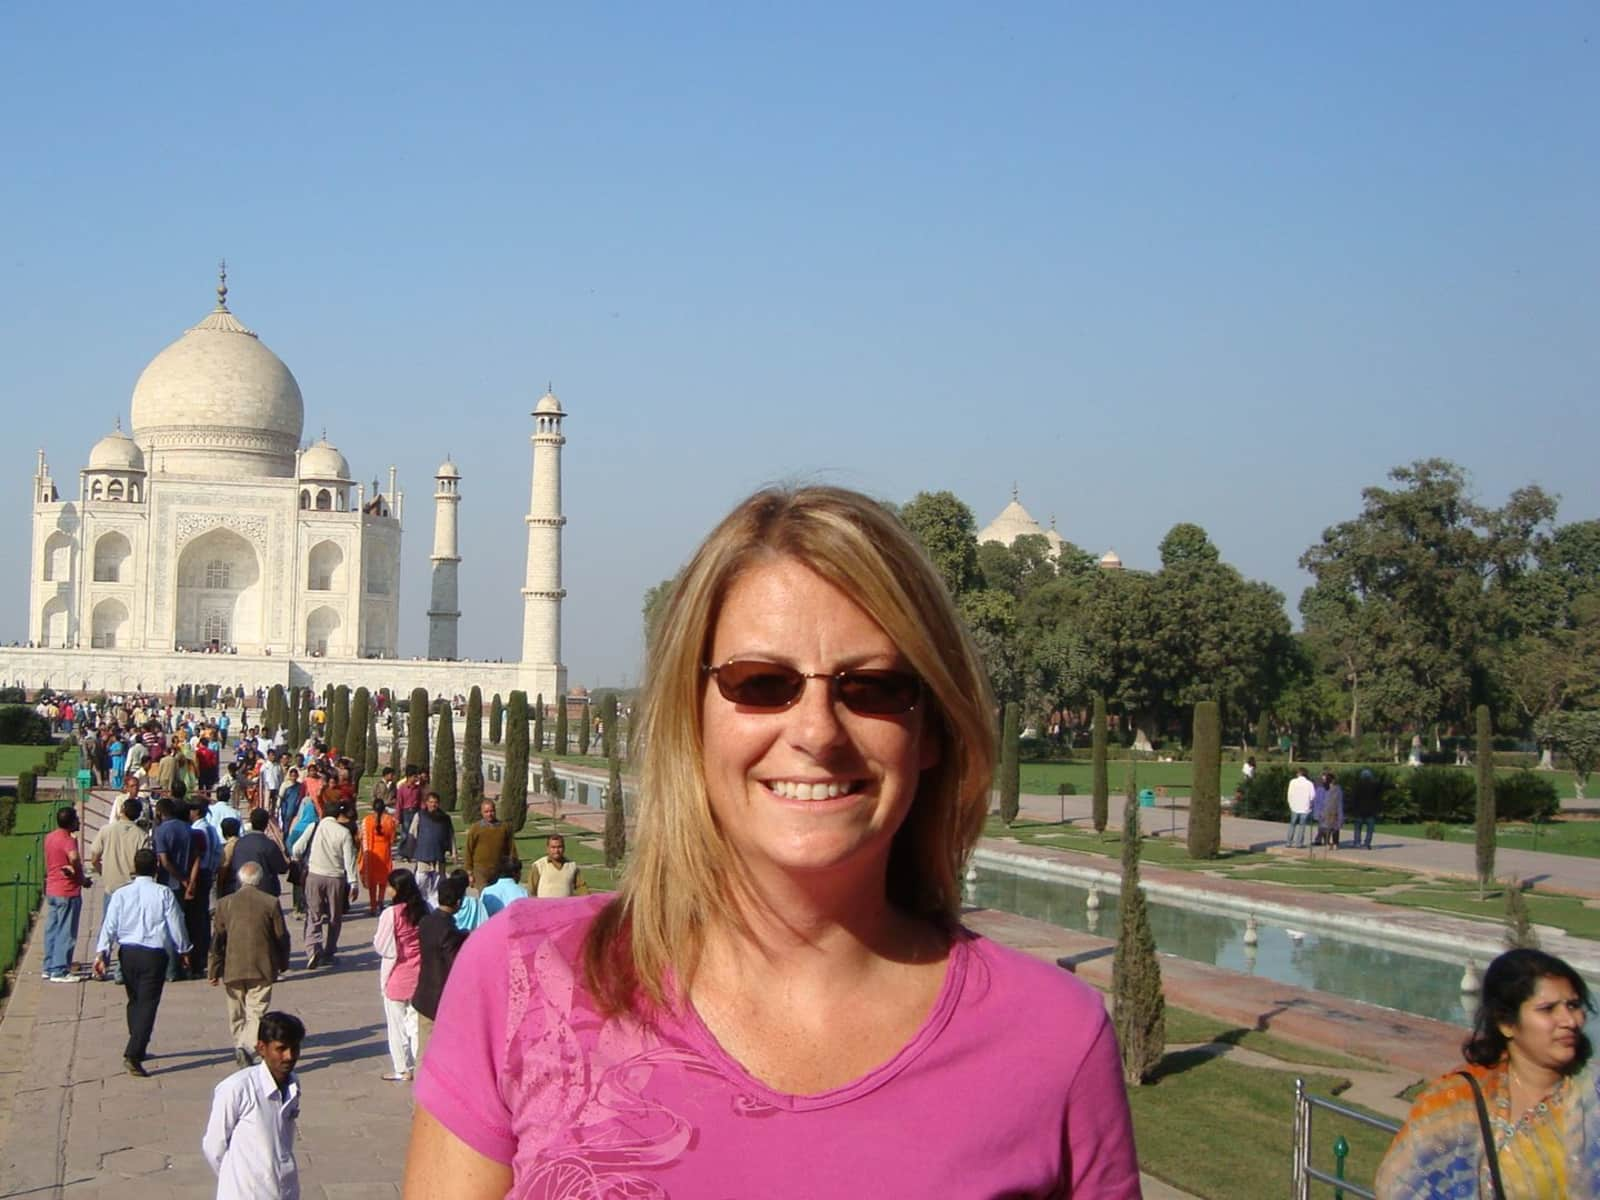 Caroline from Tavistock, United Kingdom